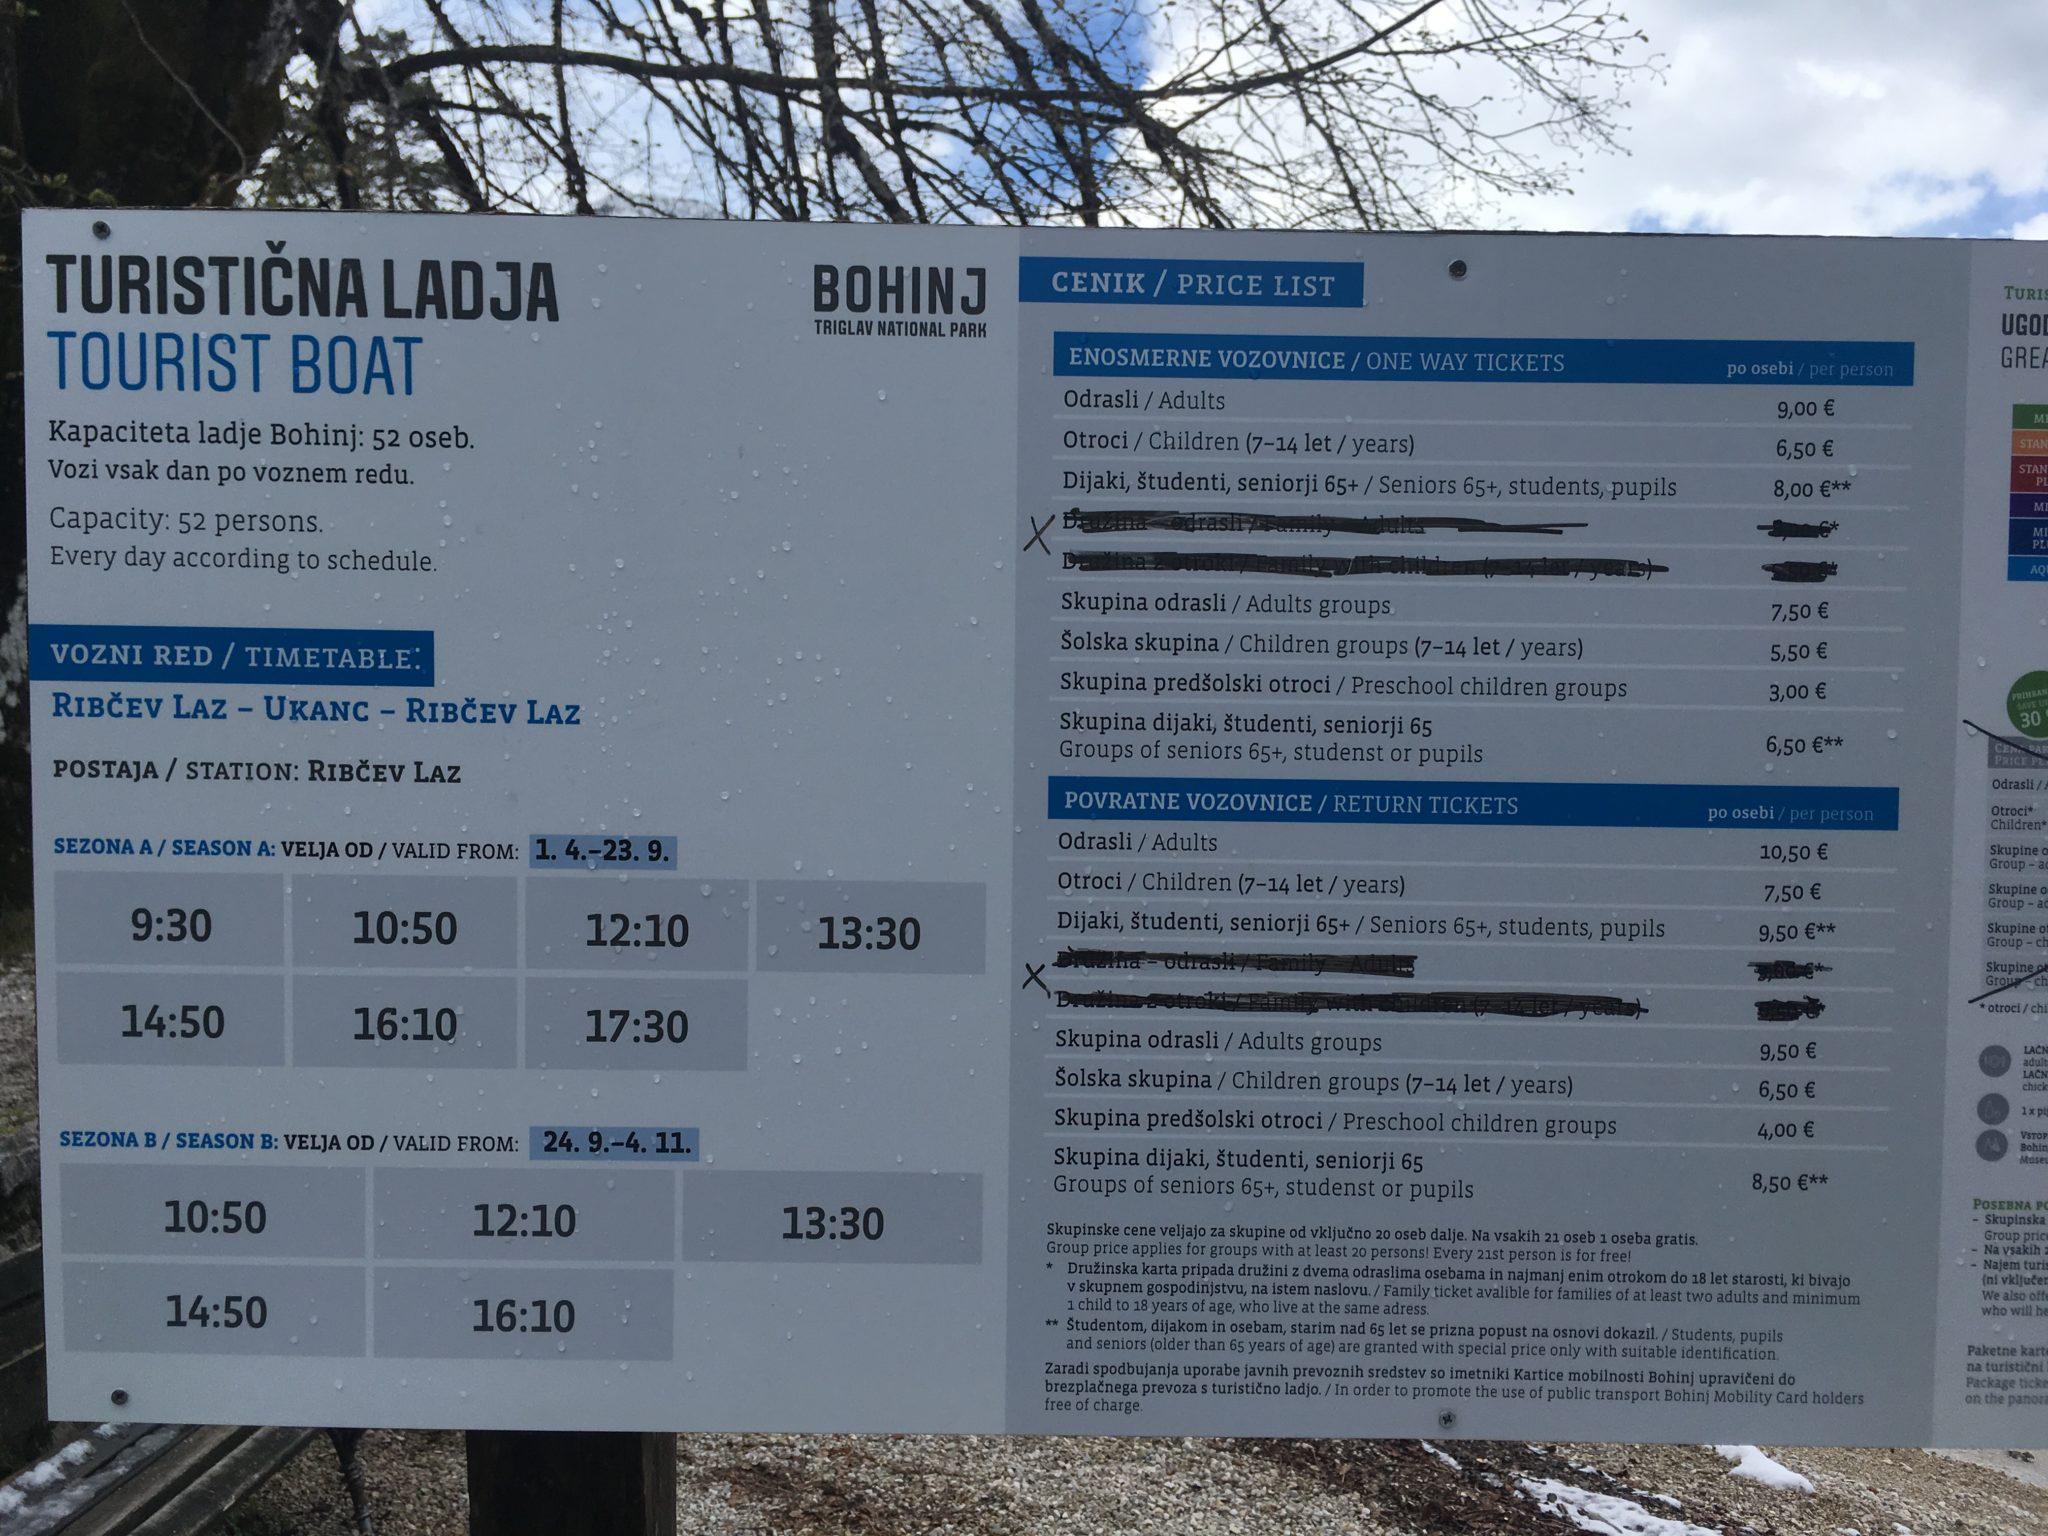 Расписание и цены на лодочные прогулки на озере Бохинь, Словения